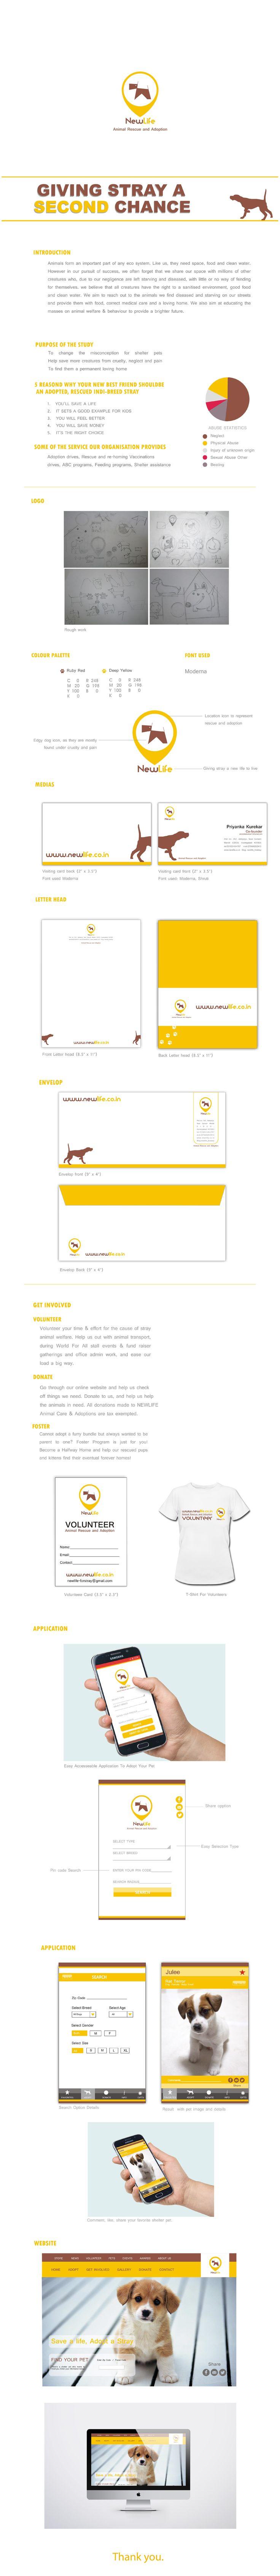 Ознакомьтесь с этим проектом @Behance: «New Life, Animal Rescue & Adoption» https://www.behance.net/gallery/43703395/New-Life-Animal-Rescue-Adoption